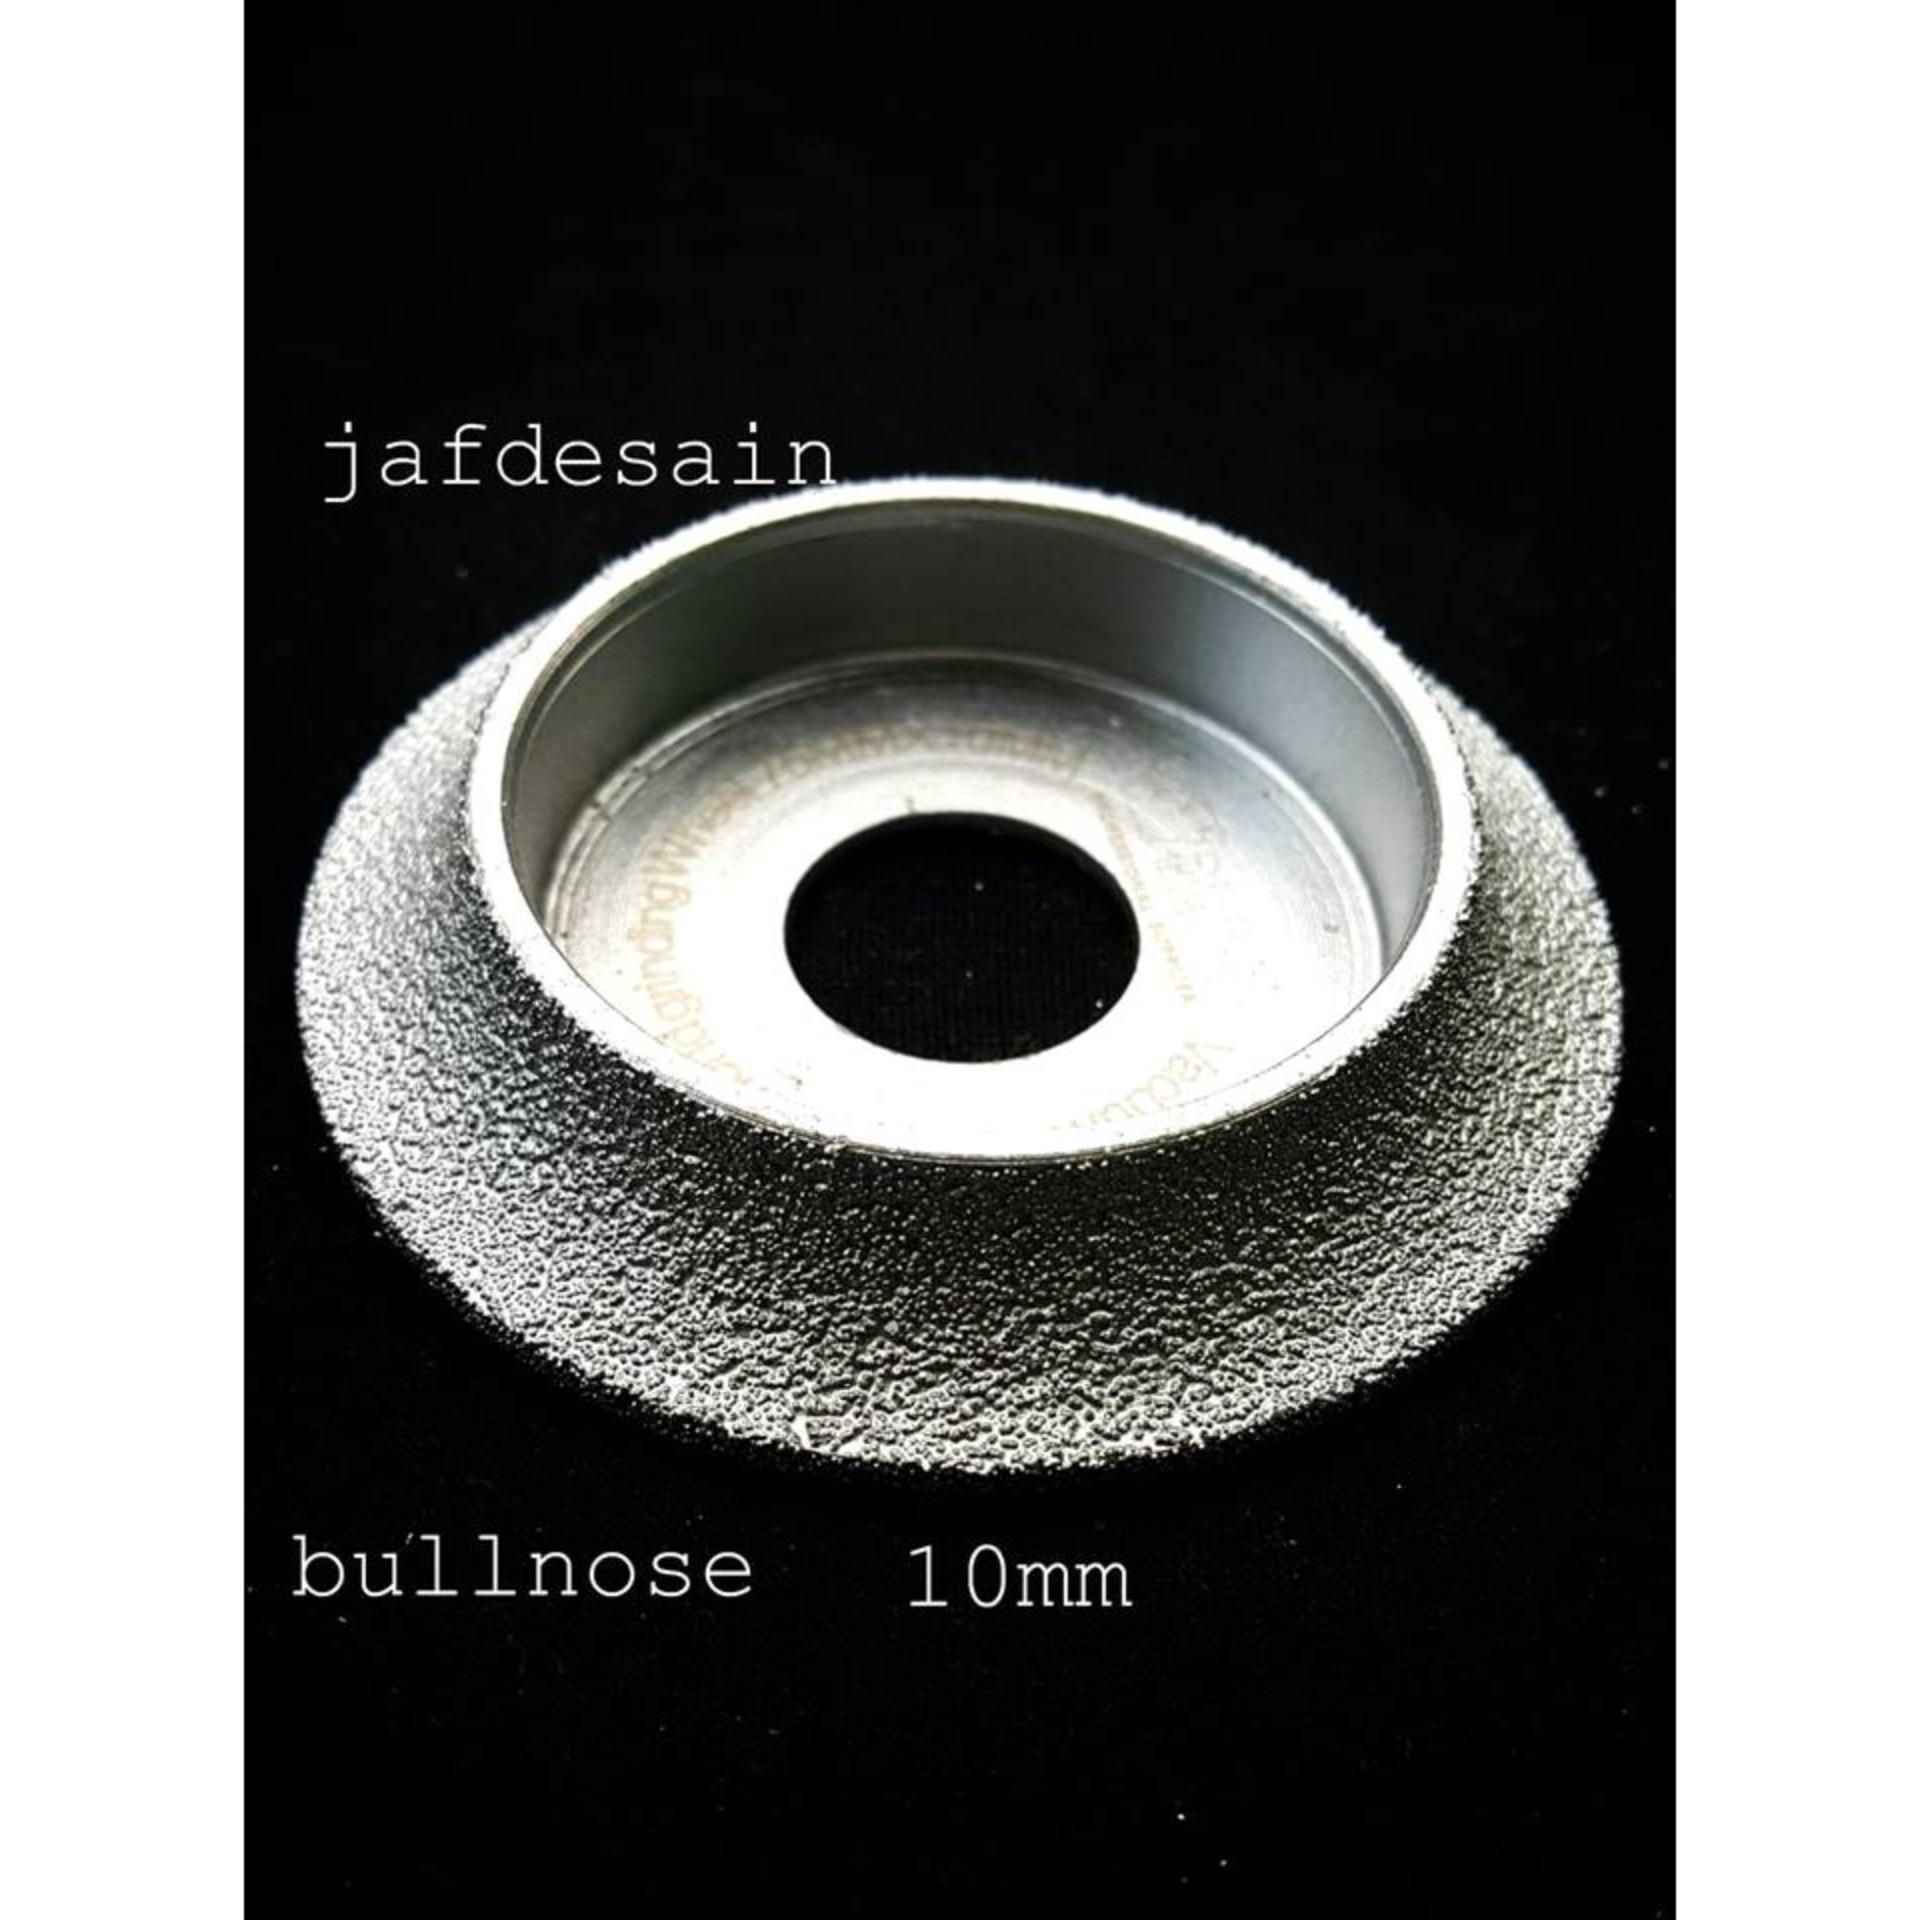 Bullnose edge pinggul profil Granit marmer